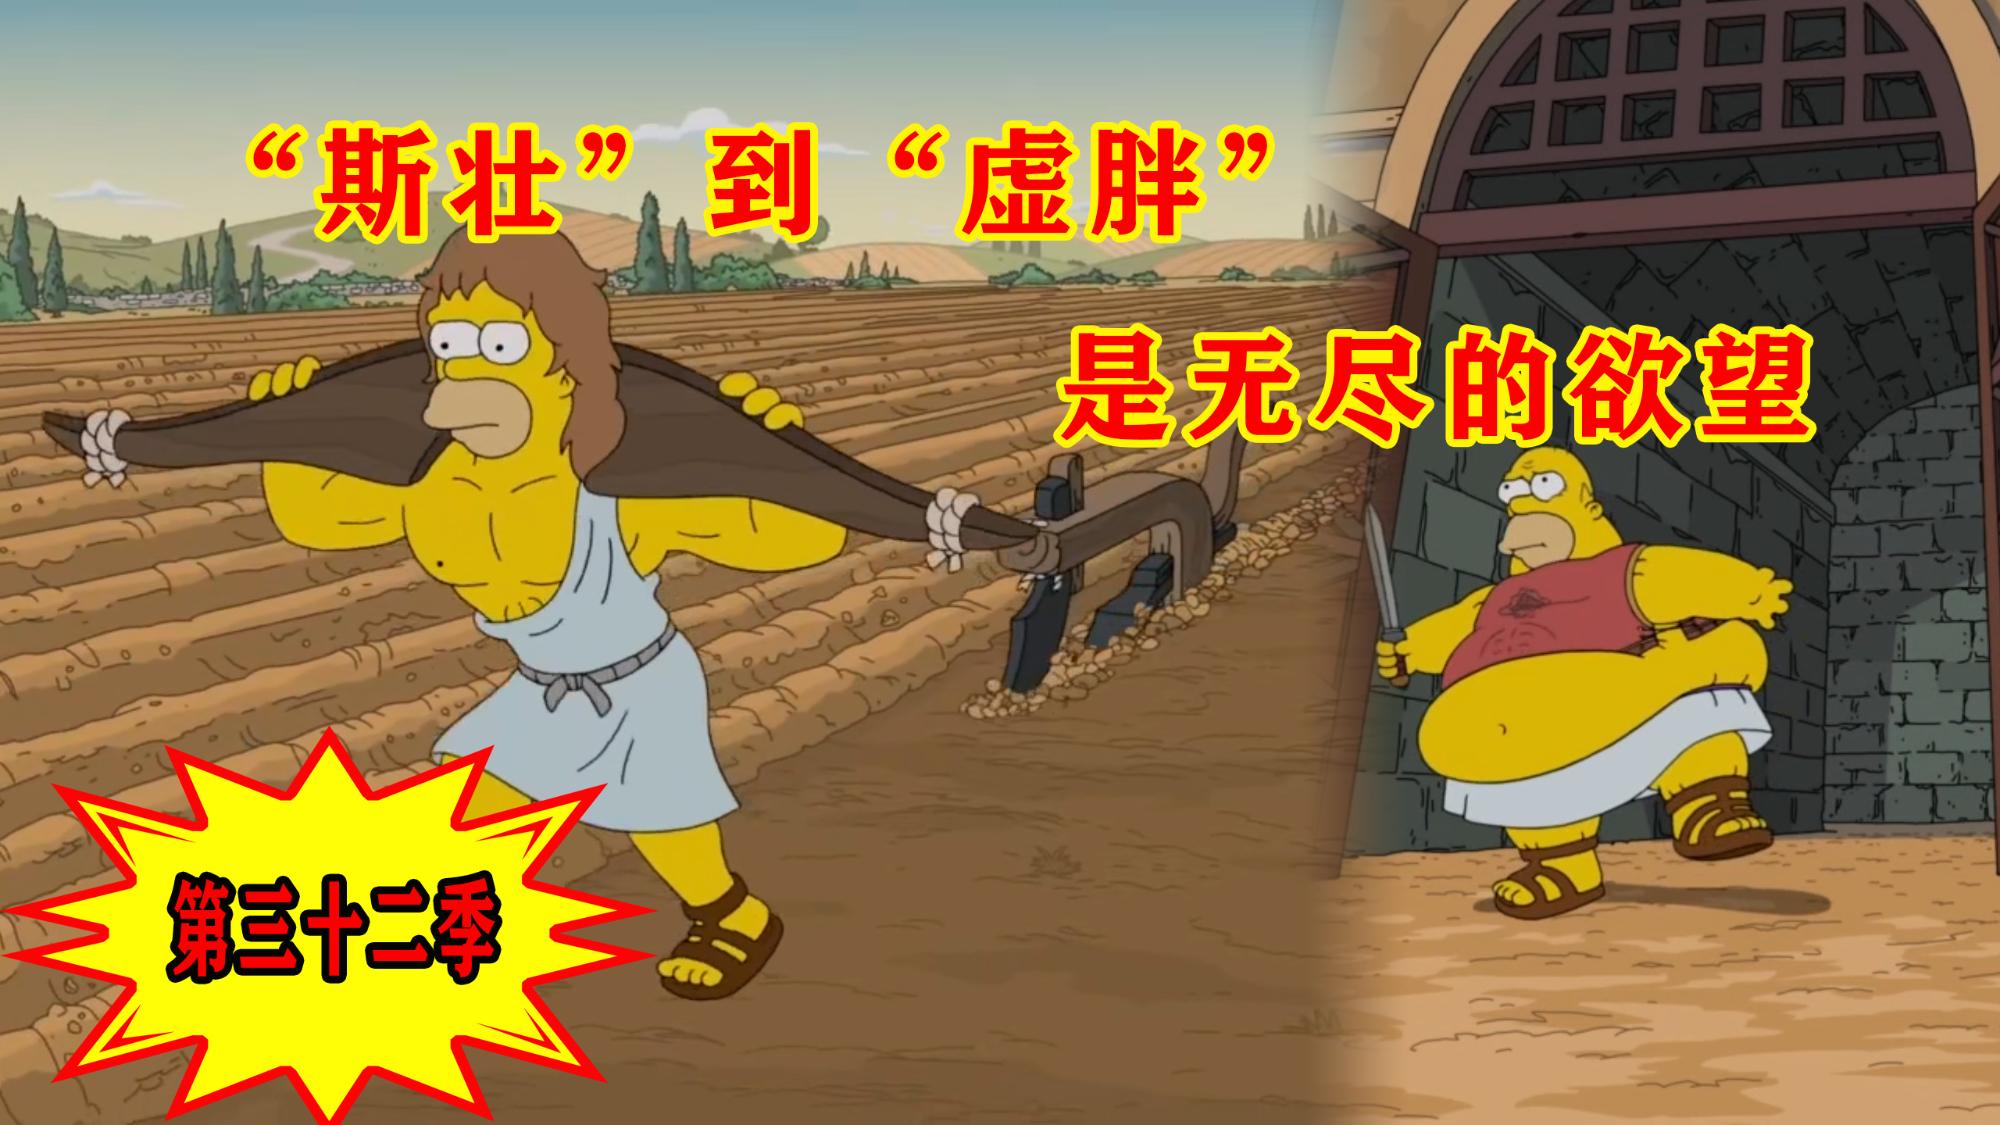 """【毛豆】众叛亲离,父子反目成仇,一切都因""""无尽的欲望""""《辛普森一家》"""